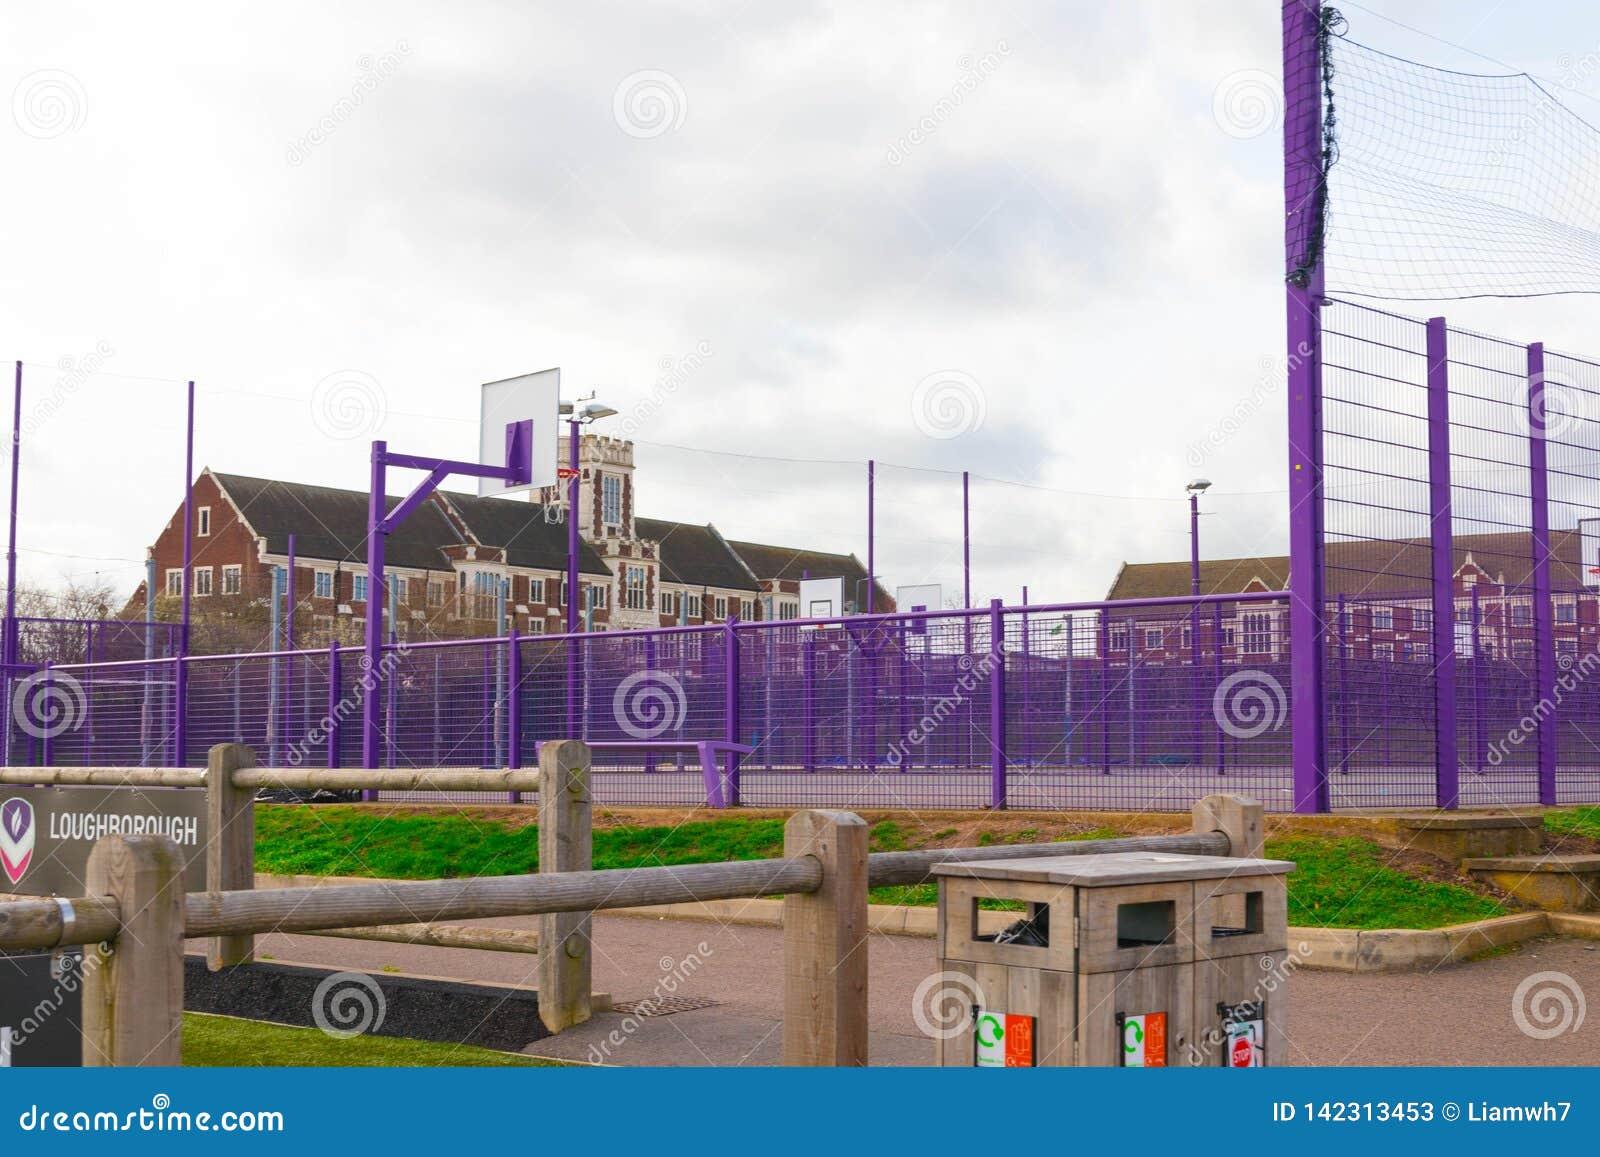 Loughborough/het UK - 03 03 19: De sportgebieden van de Loughborough Universitaire Campus